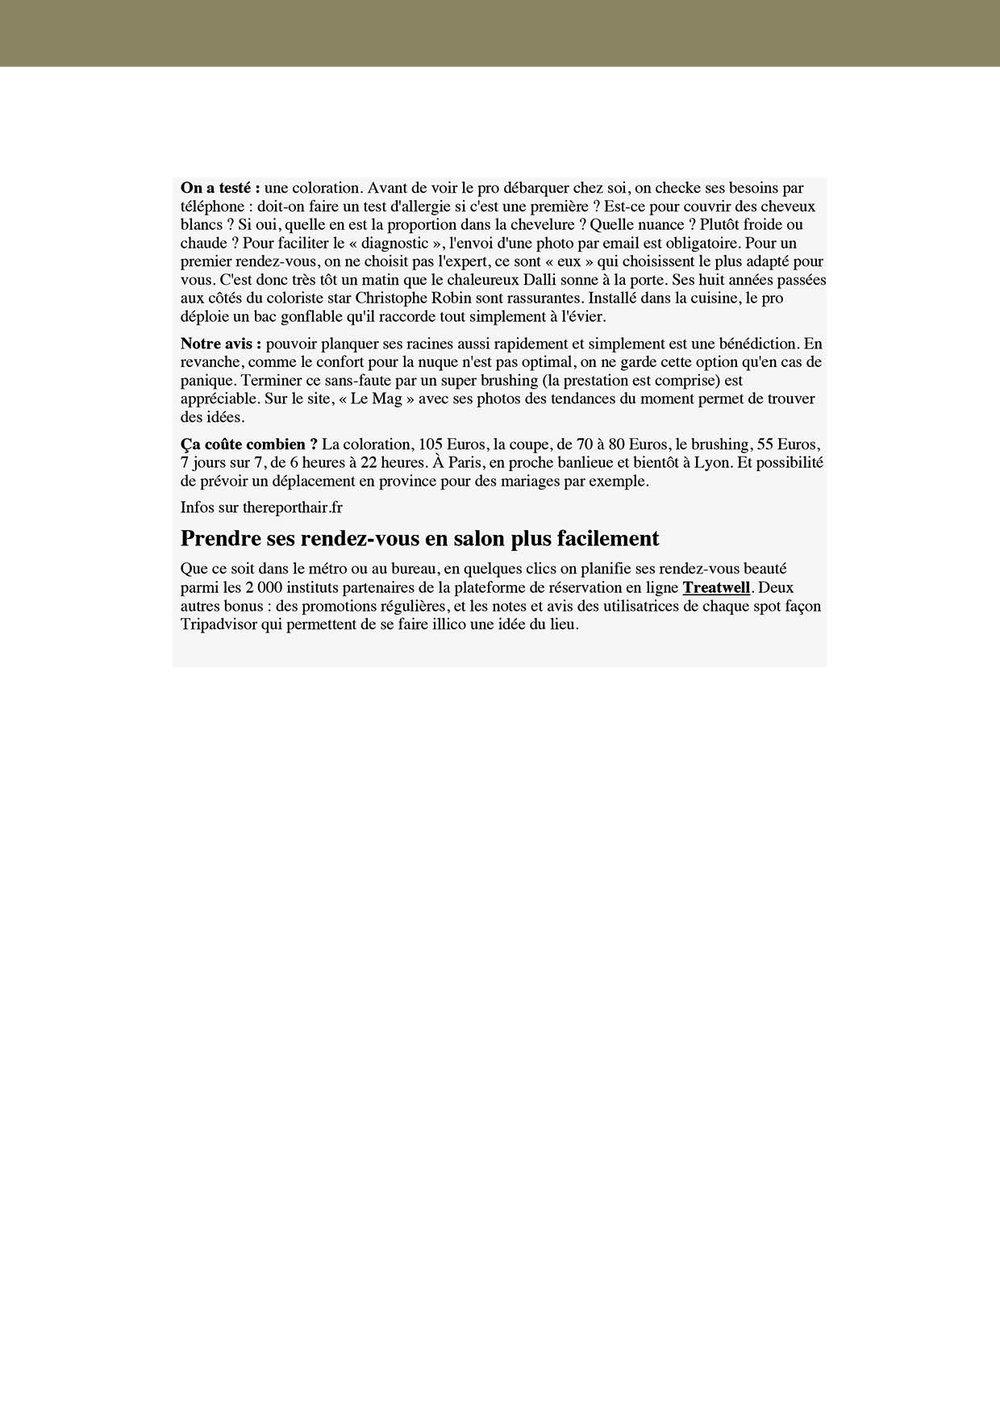 BOOKMEDIA_FEV_WEB55.jpg